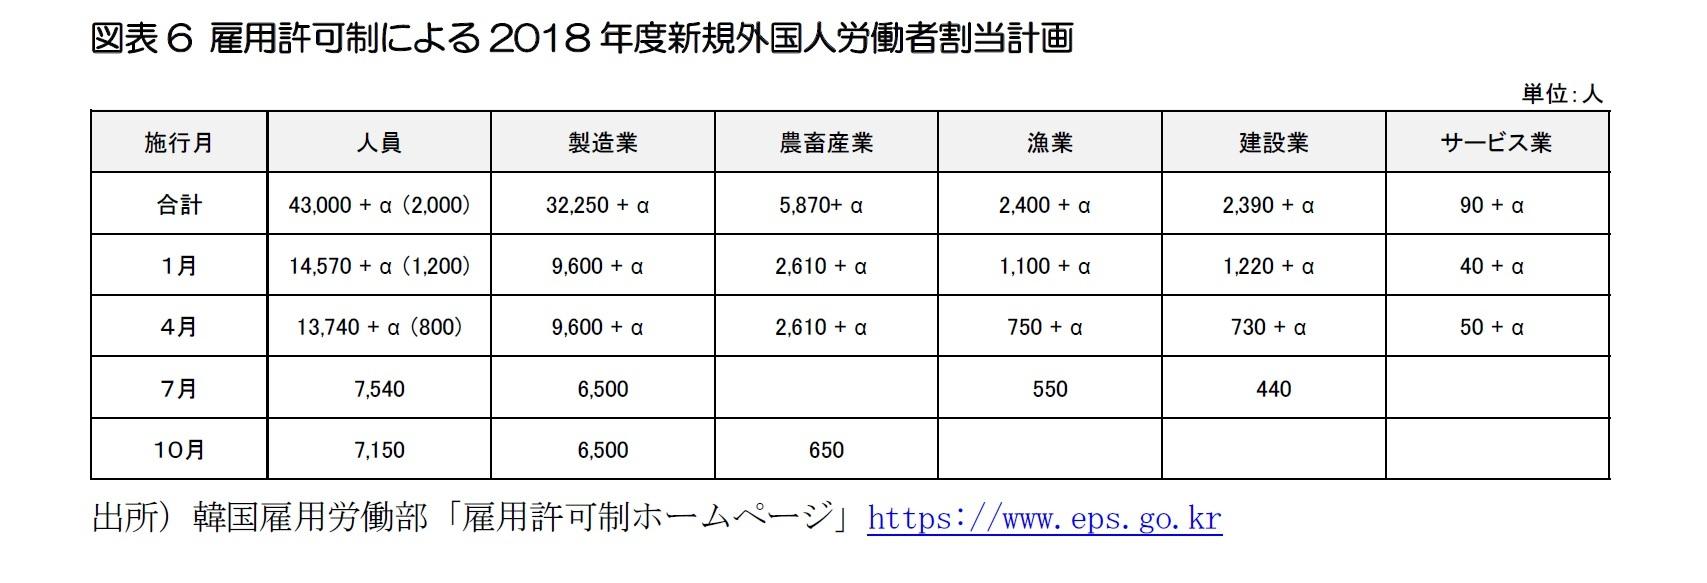 図表6 雇用許可制による2018年度新規外国人労働者割当計画